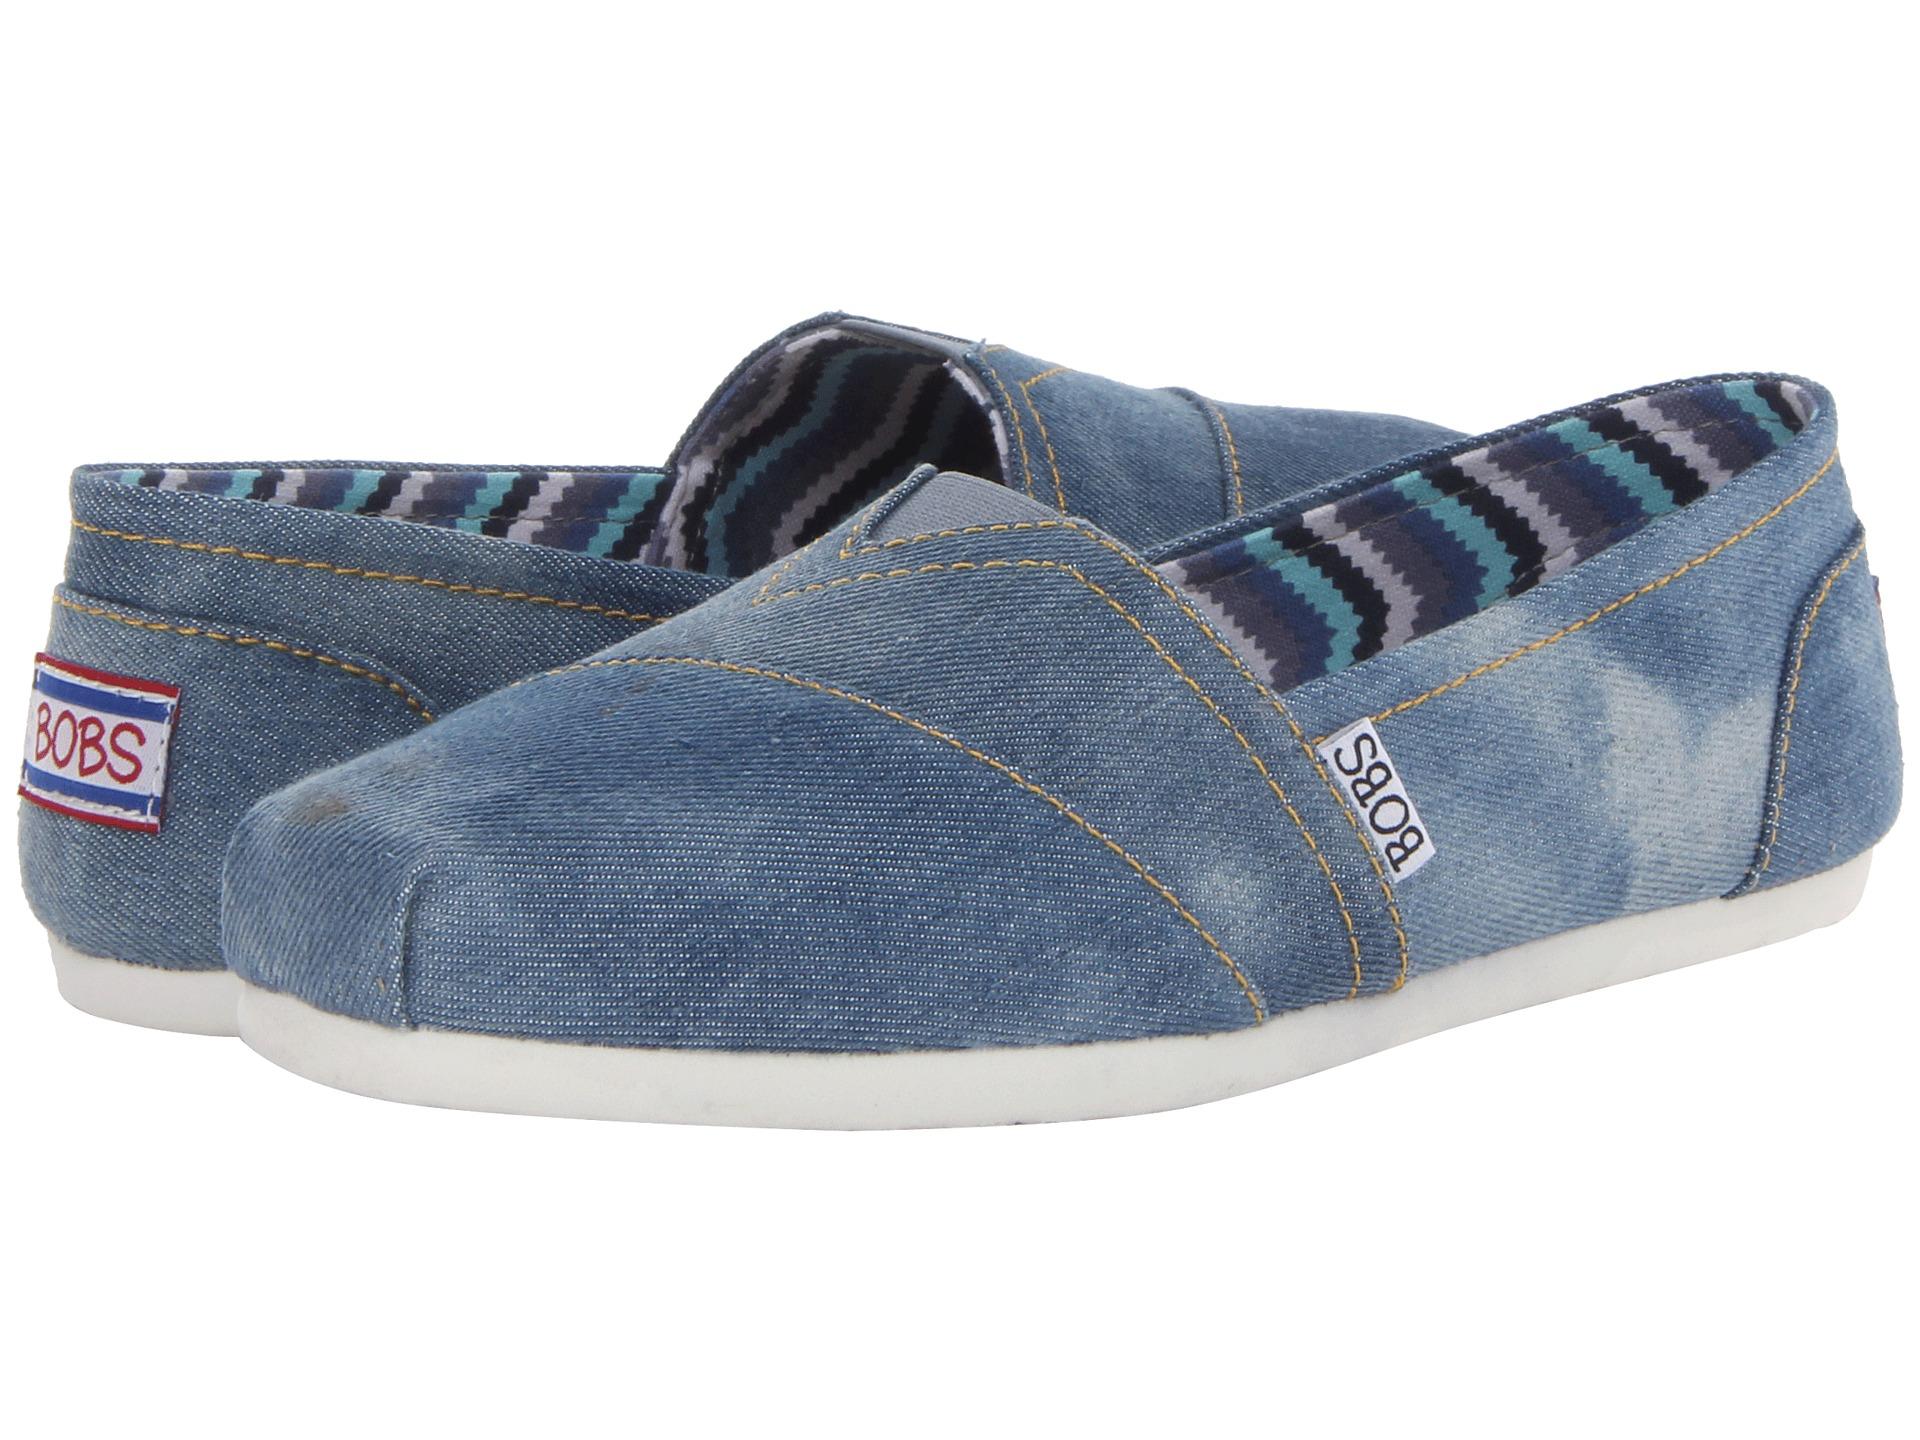 Skechers Shoes Men Images Design Ideas Best House